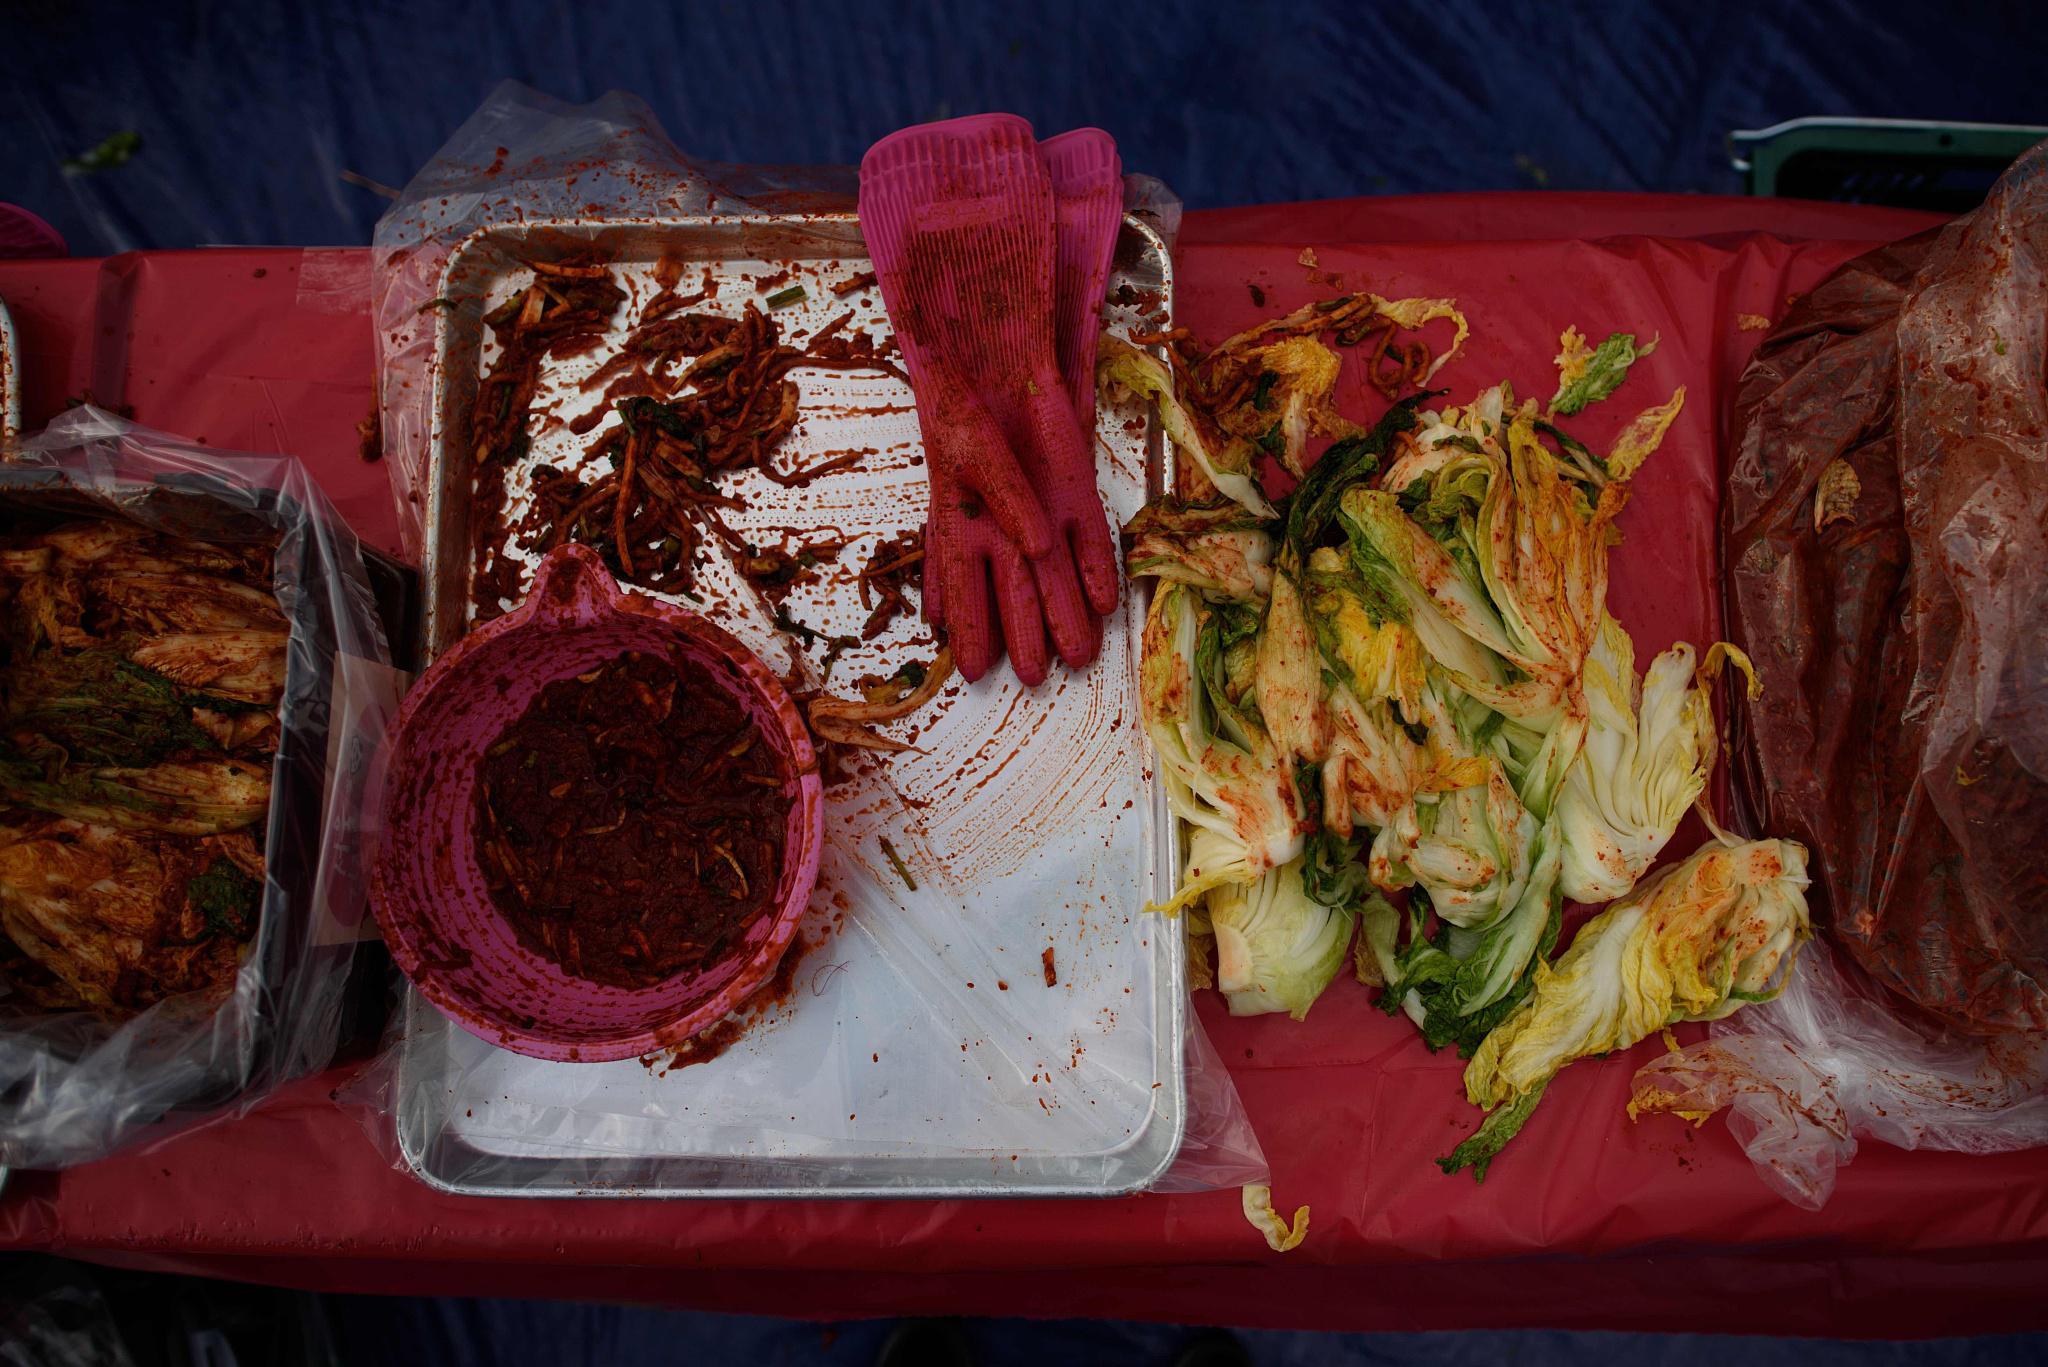 制作泡菜所用的白菜和辣椒。/视觉中国